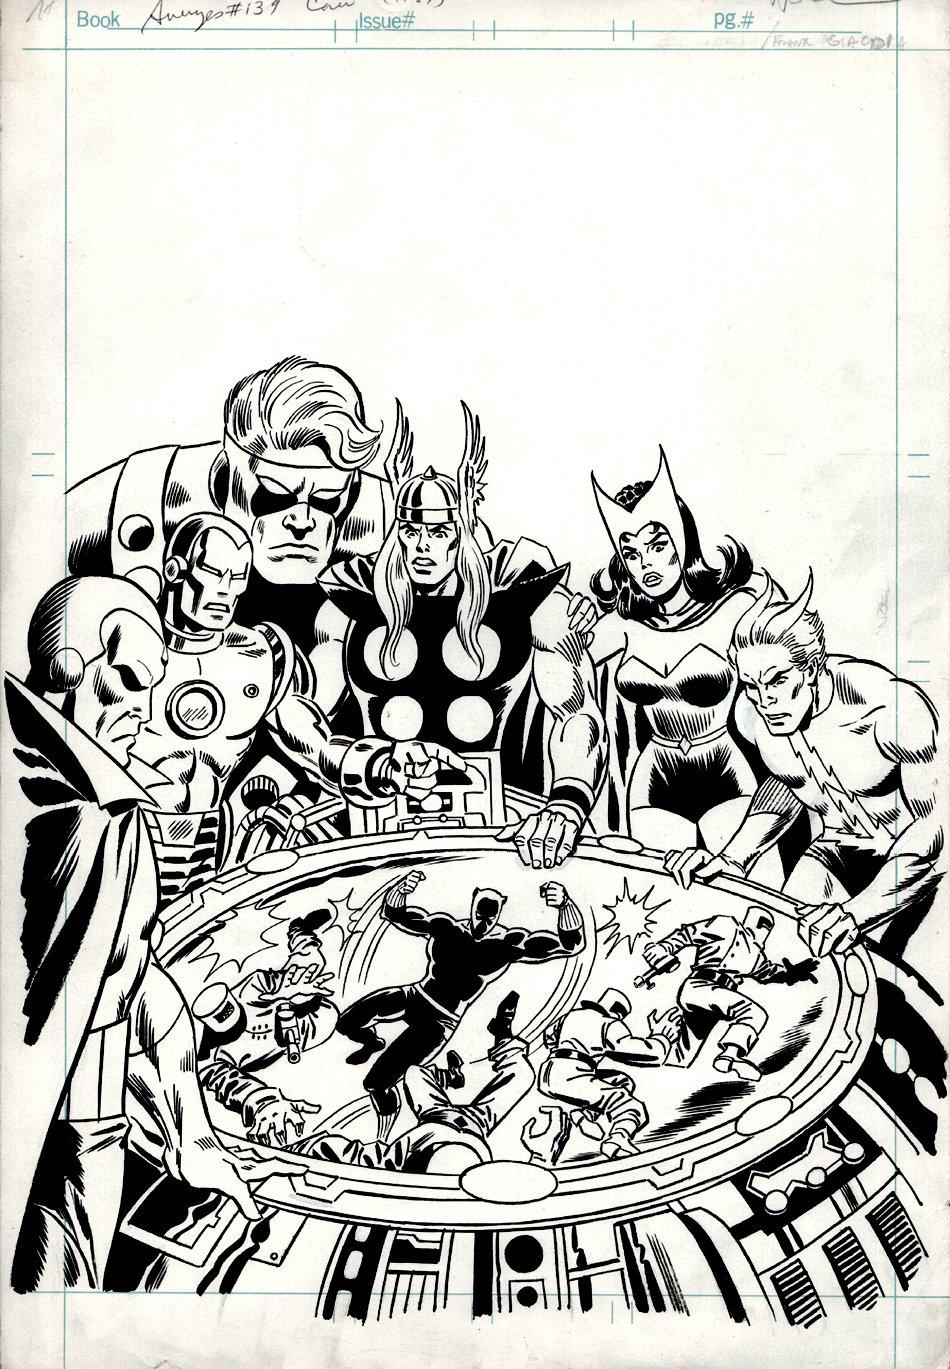 Avengers #139 Cover (1976)